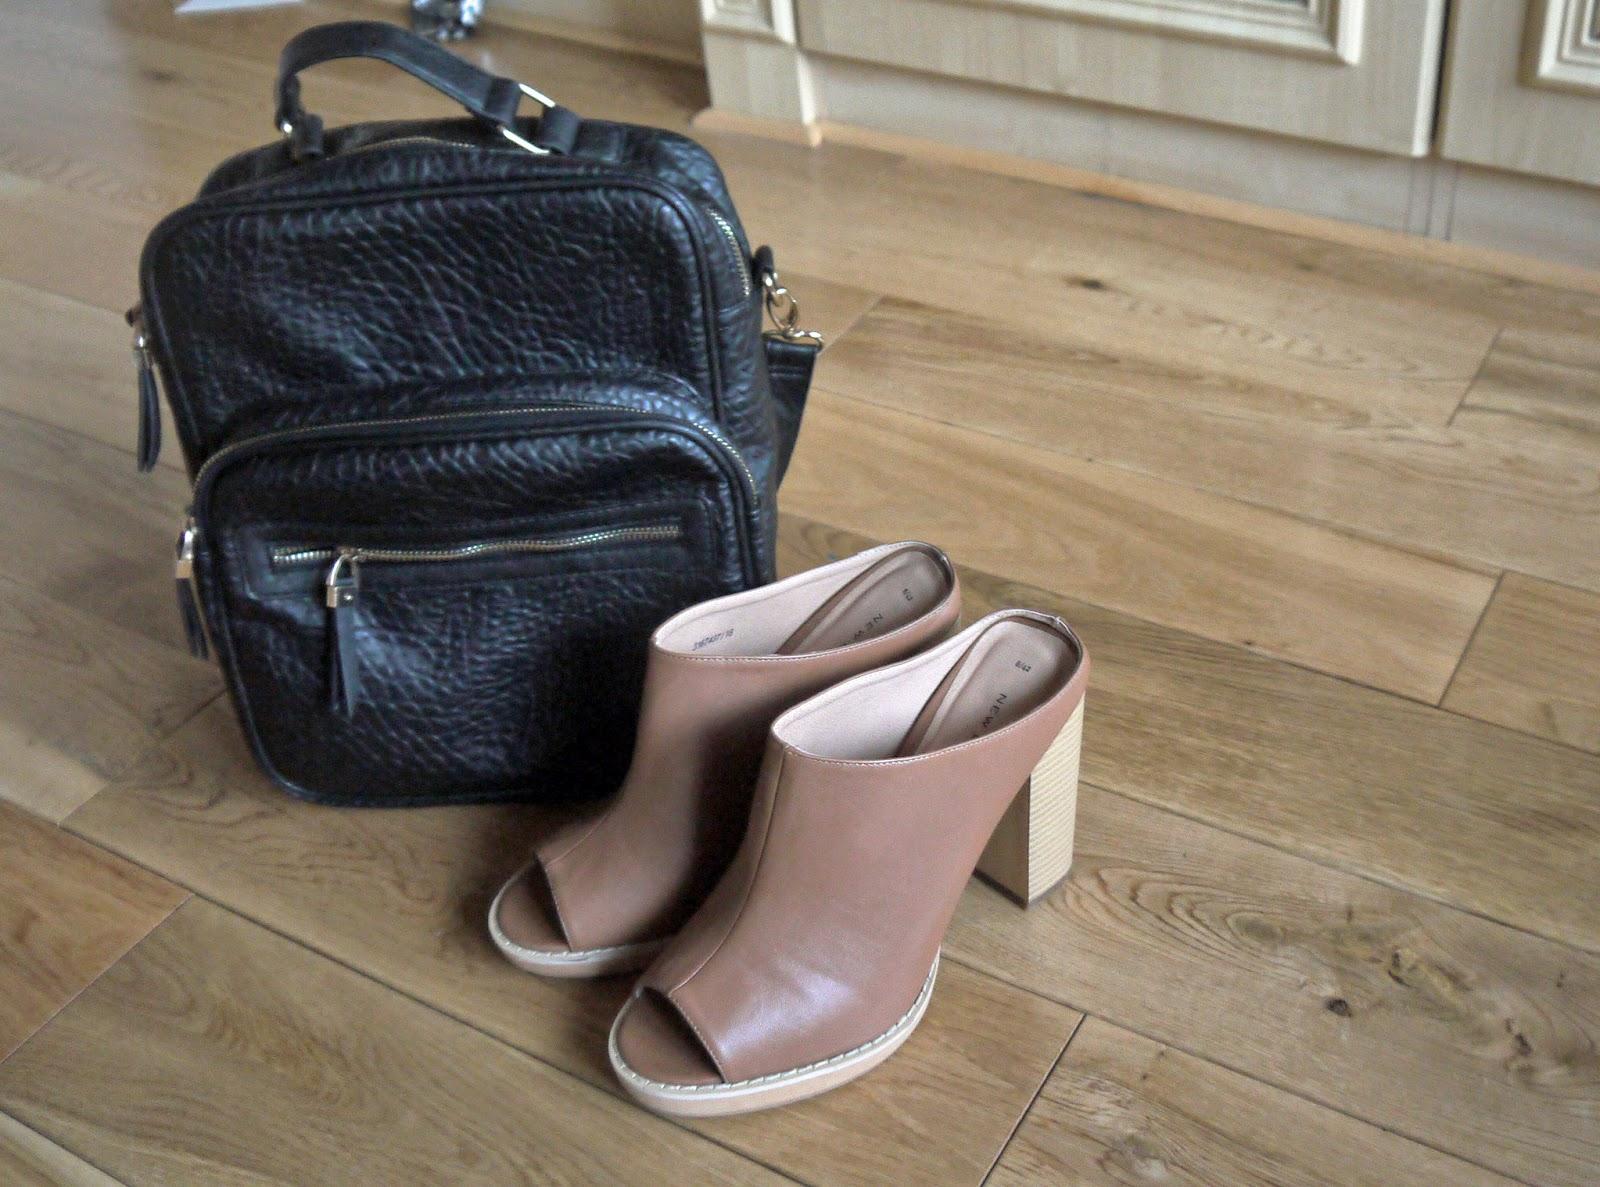 New Look Black Textured Leather-Look Backpack Tan Block Heel Mules